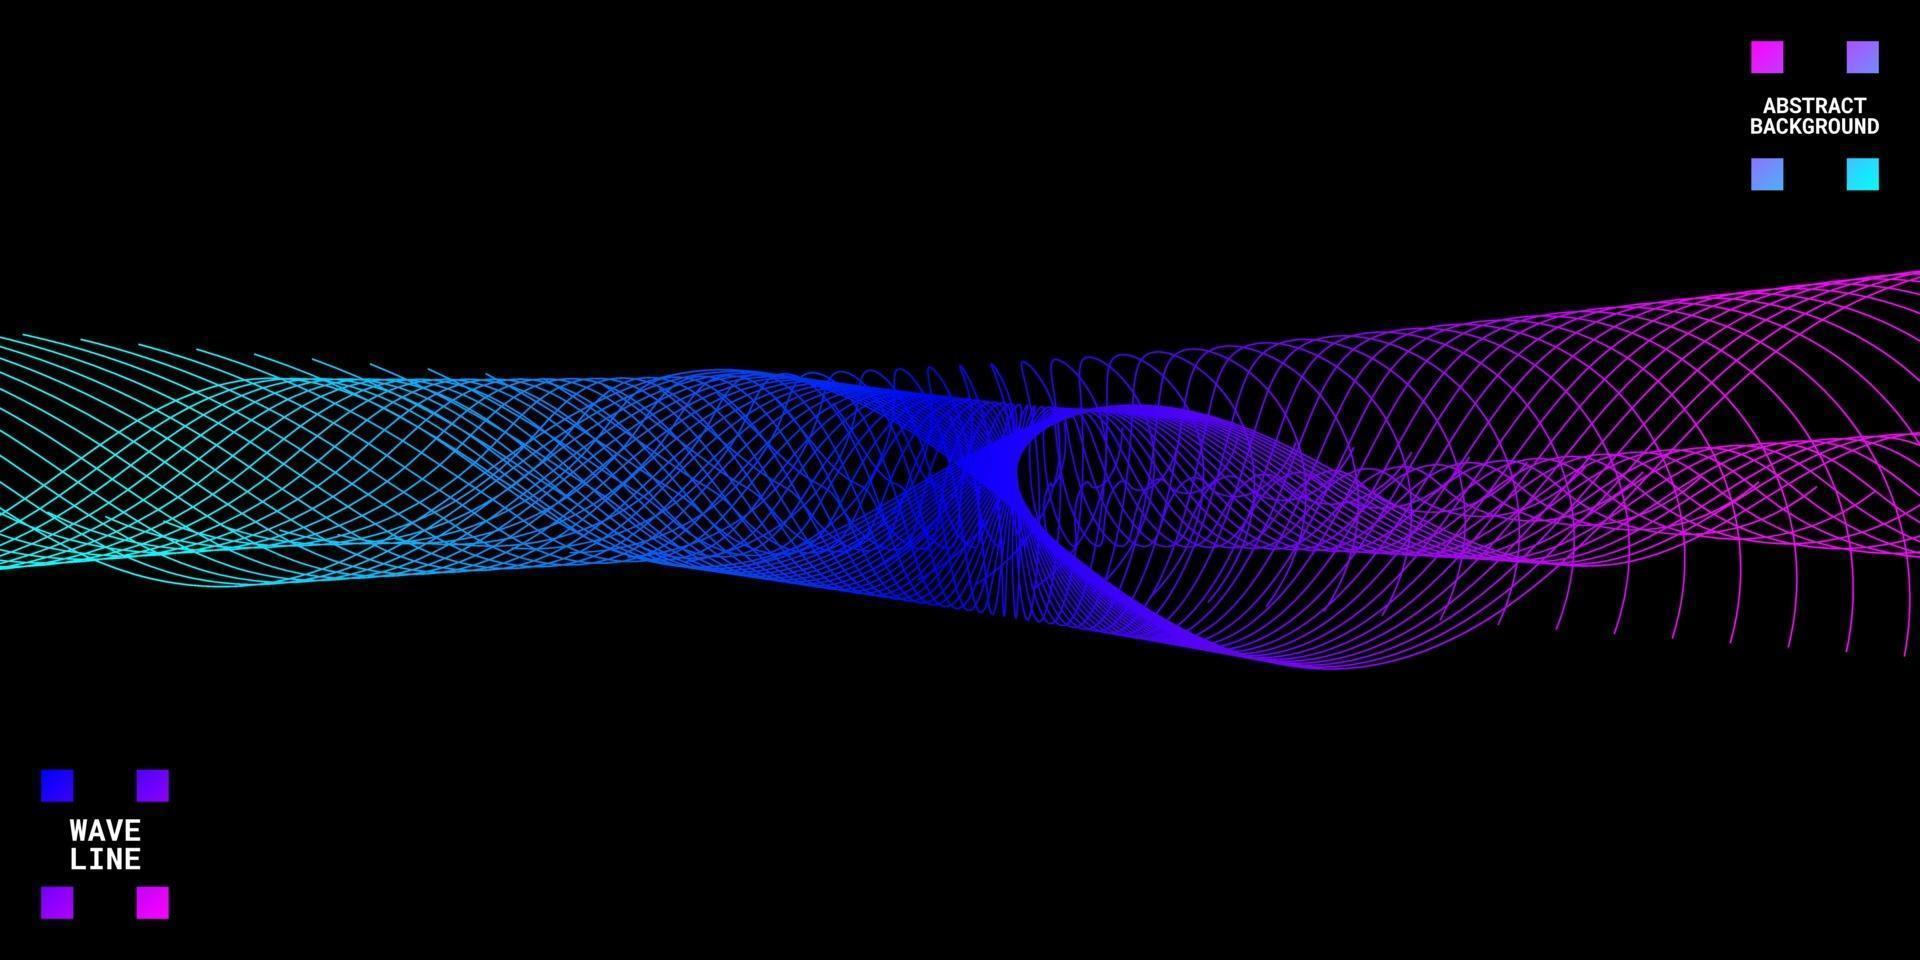 abstrait moderne avec des lignes ondulées colorées. vecteur